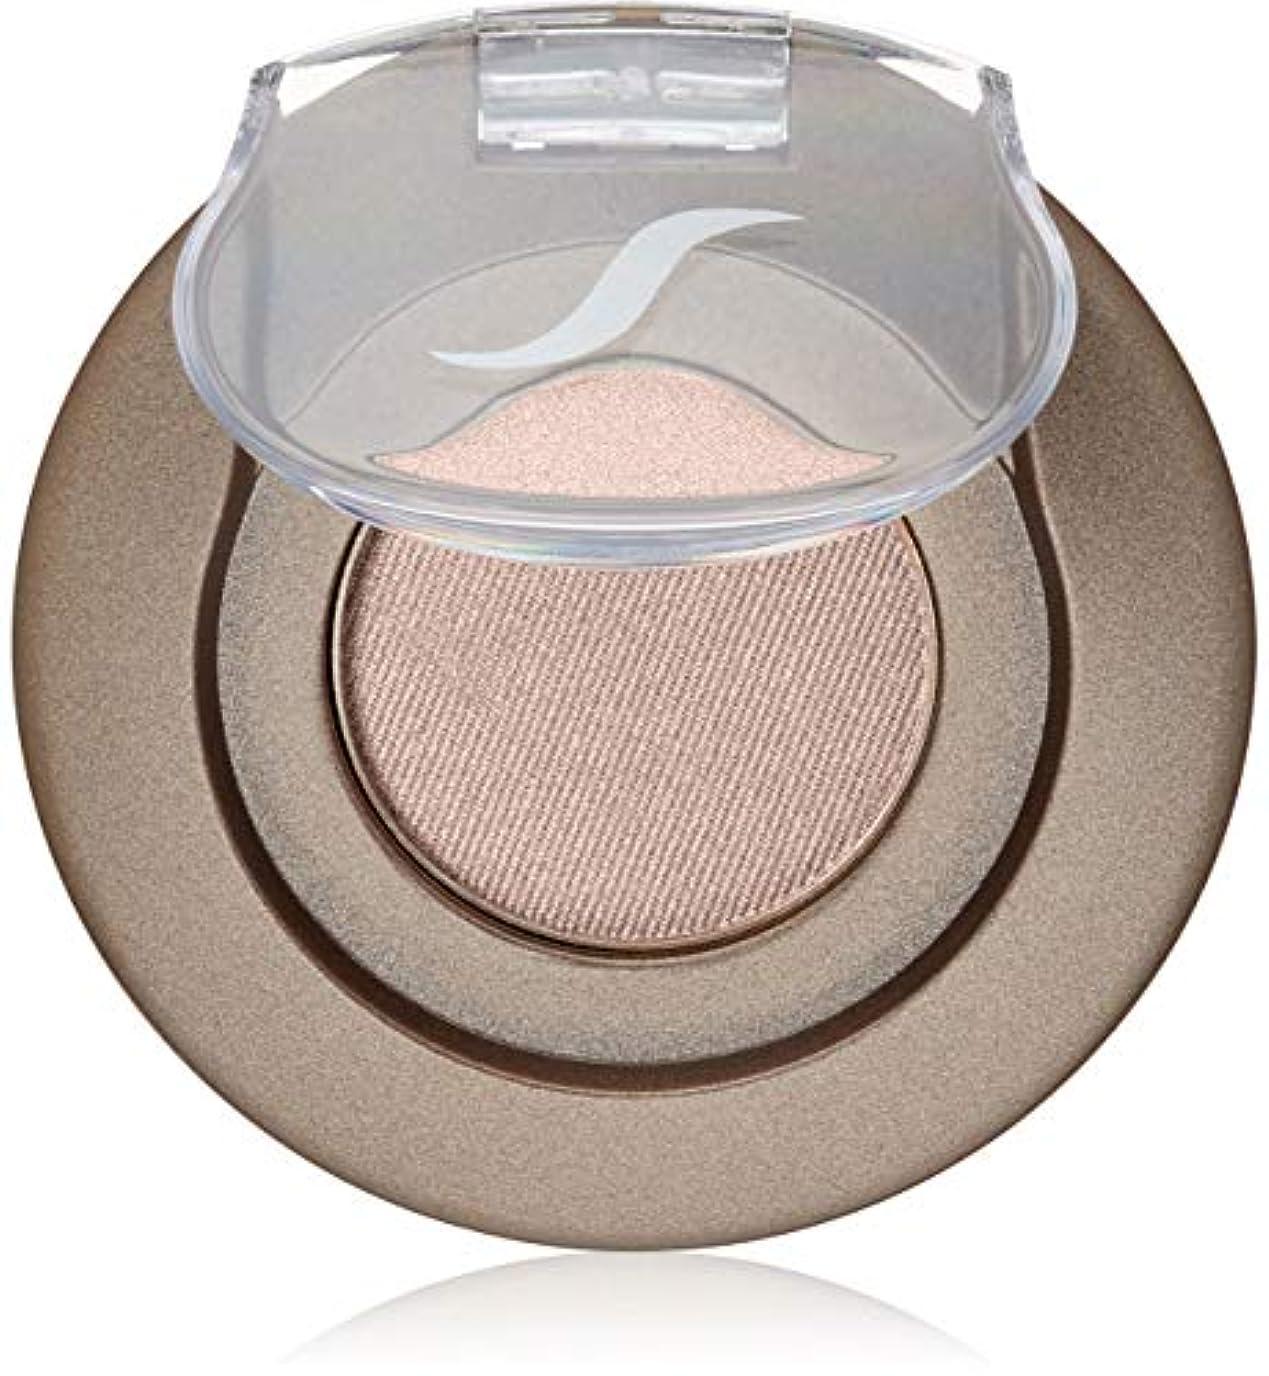 ブレス楽しませるフォークSorme' Treatment Cosmetics Sorme化粧品ミネラルボタニカルアイシャドー、0.05オンス 0.05オンス フラッシュ